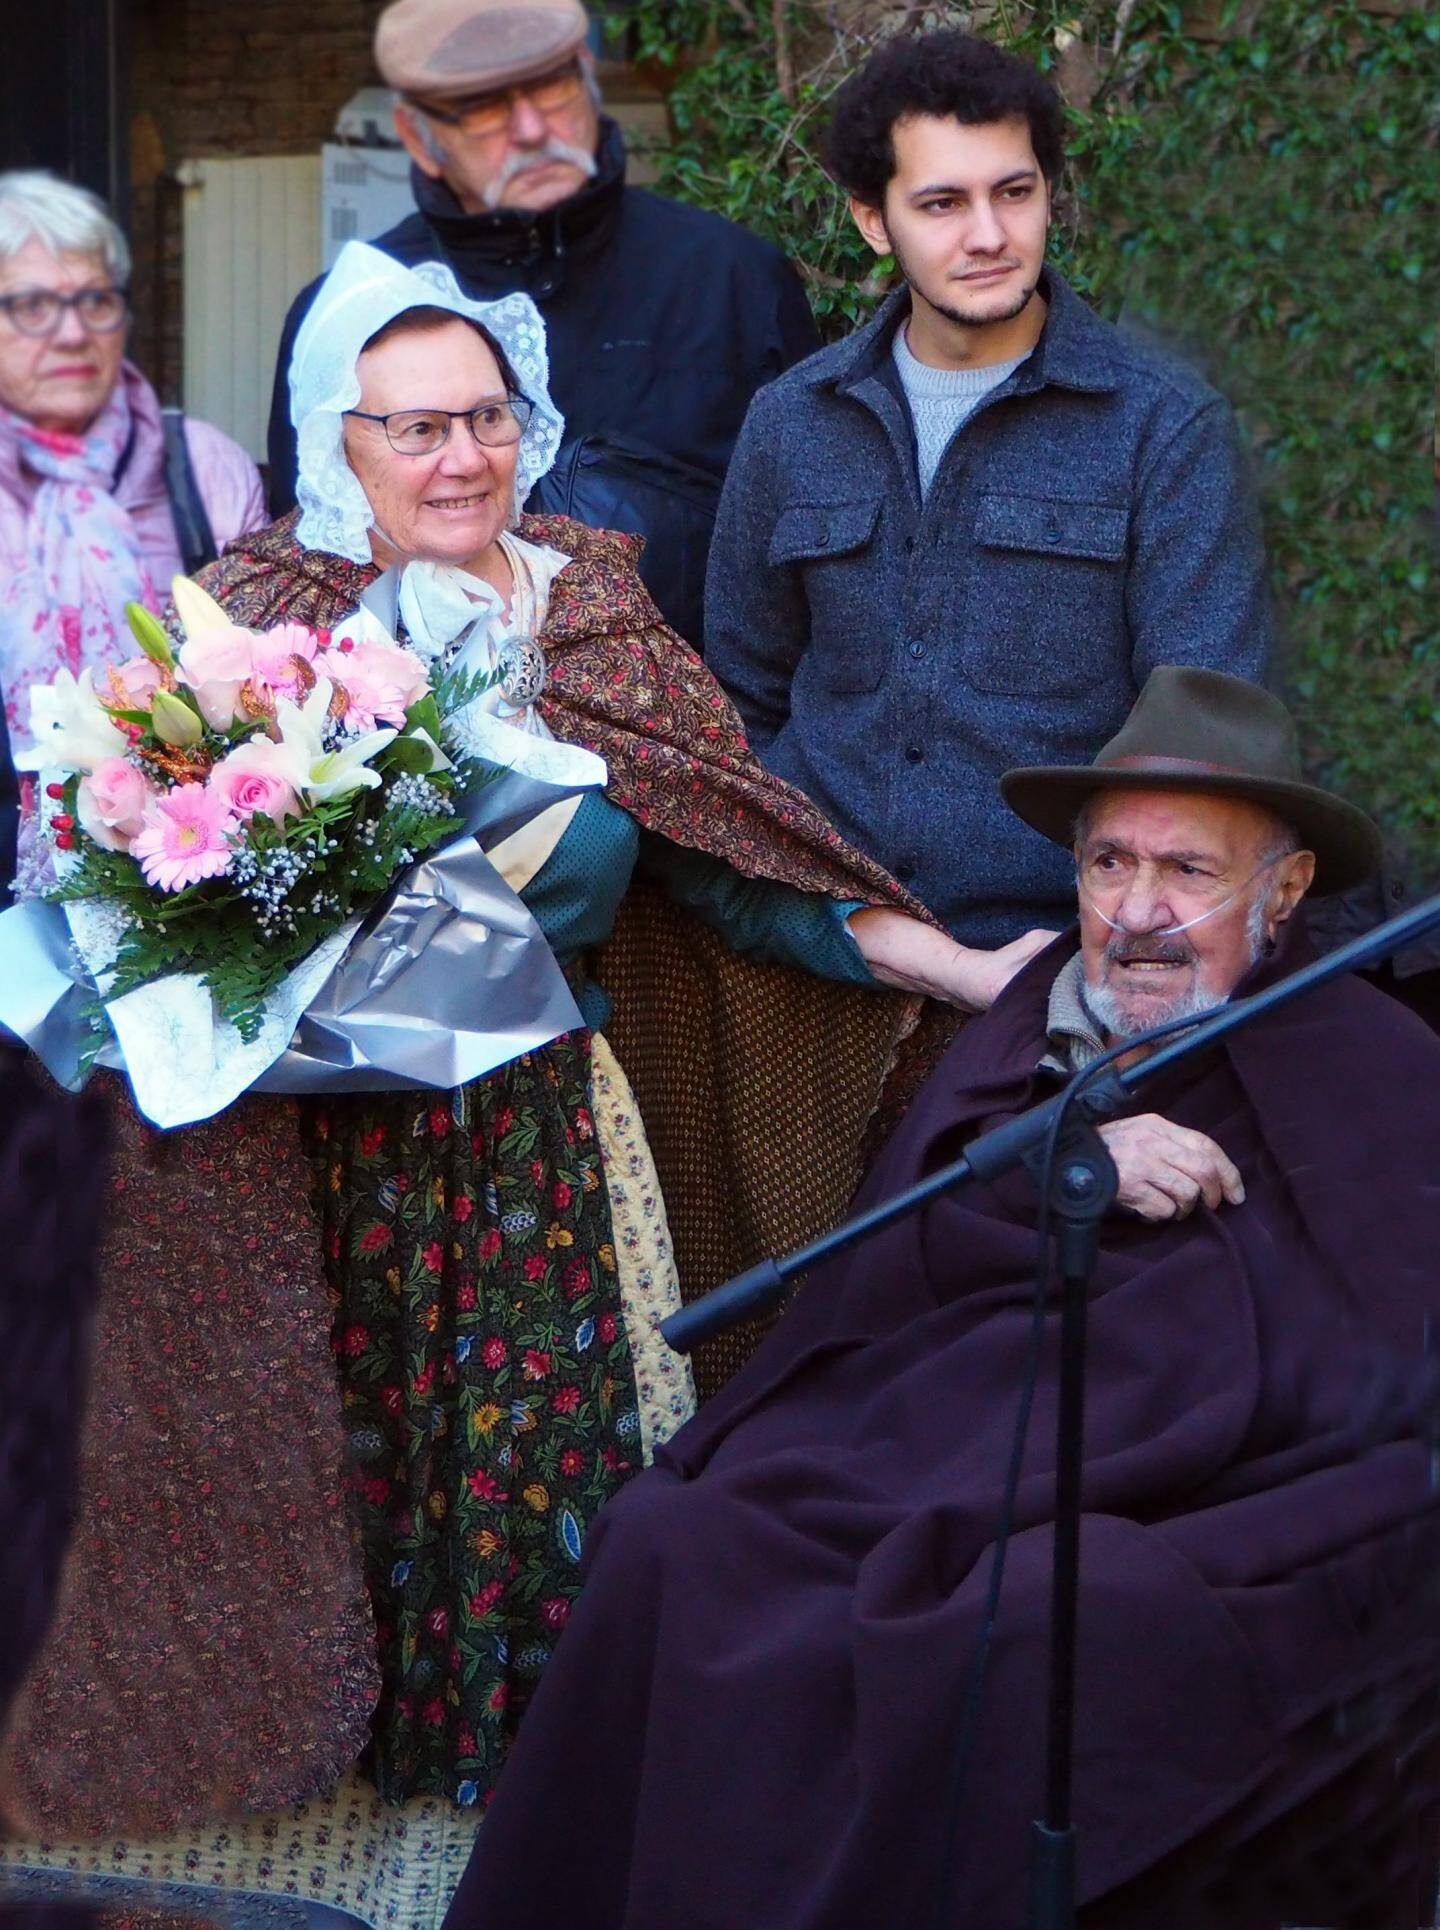 En fin d'année dernière, Georges Dalmas, ici entourée de sa femme Isabelle et de son petit-fils Camille, inaugurait la crèche de la mairie.